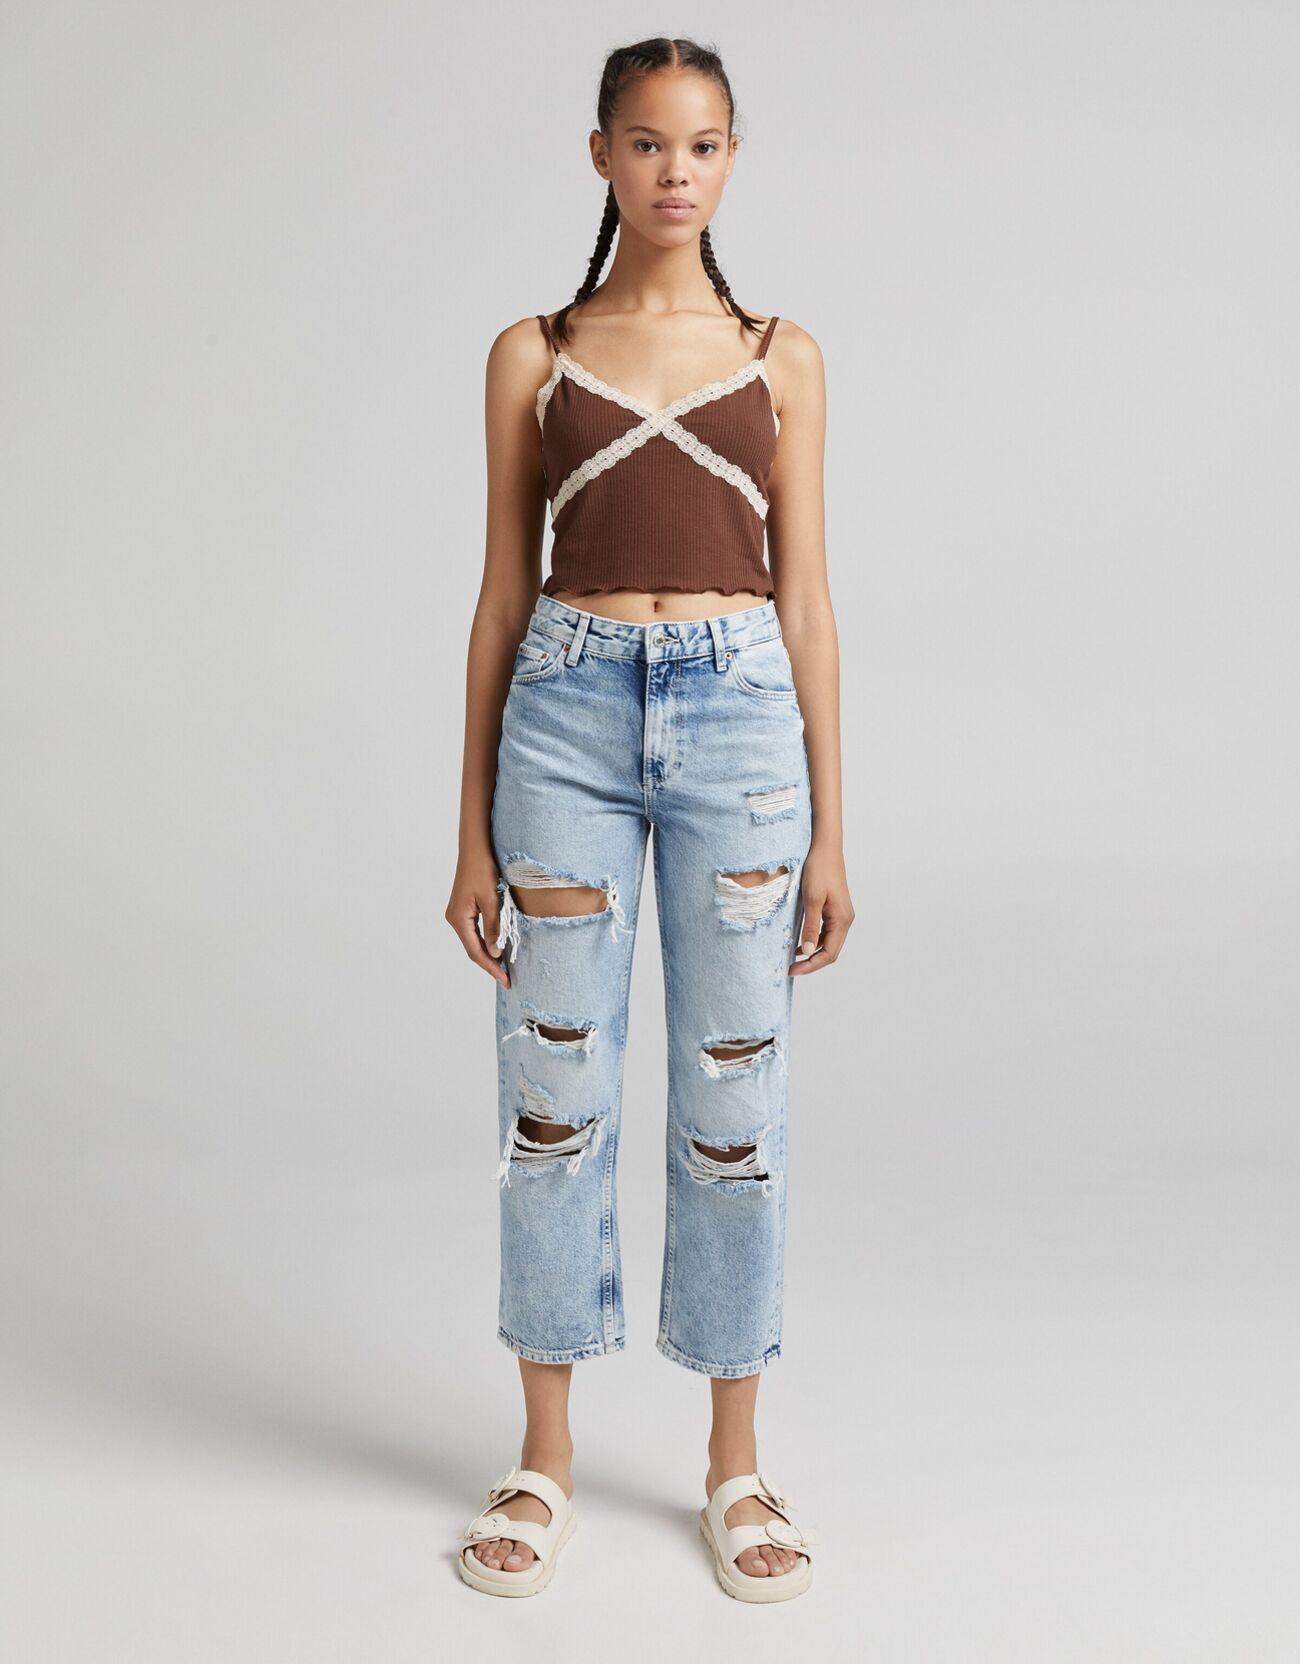 Укороченные джинсы прямого кроя с разрезами Синий застиранный Bershka